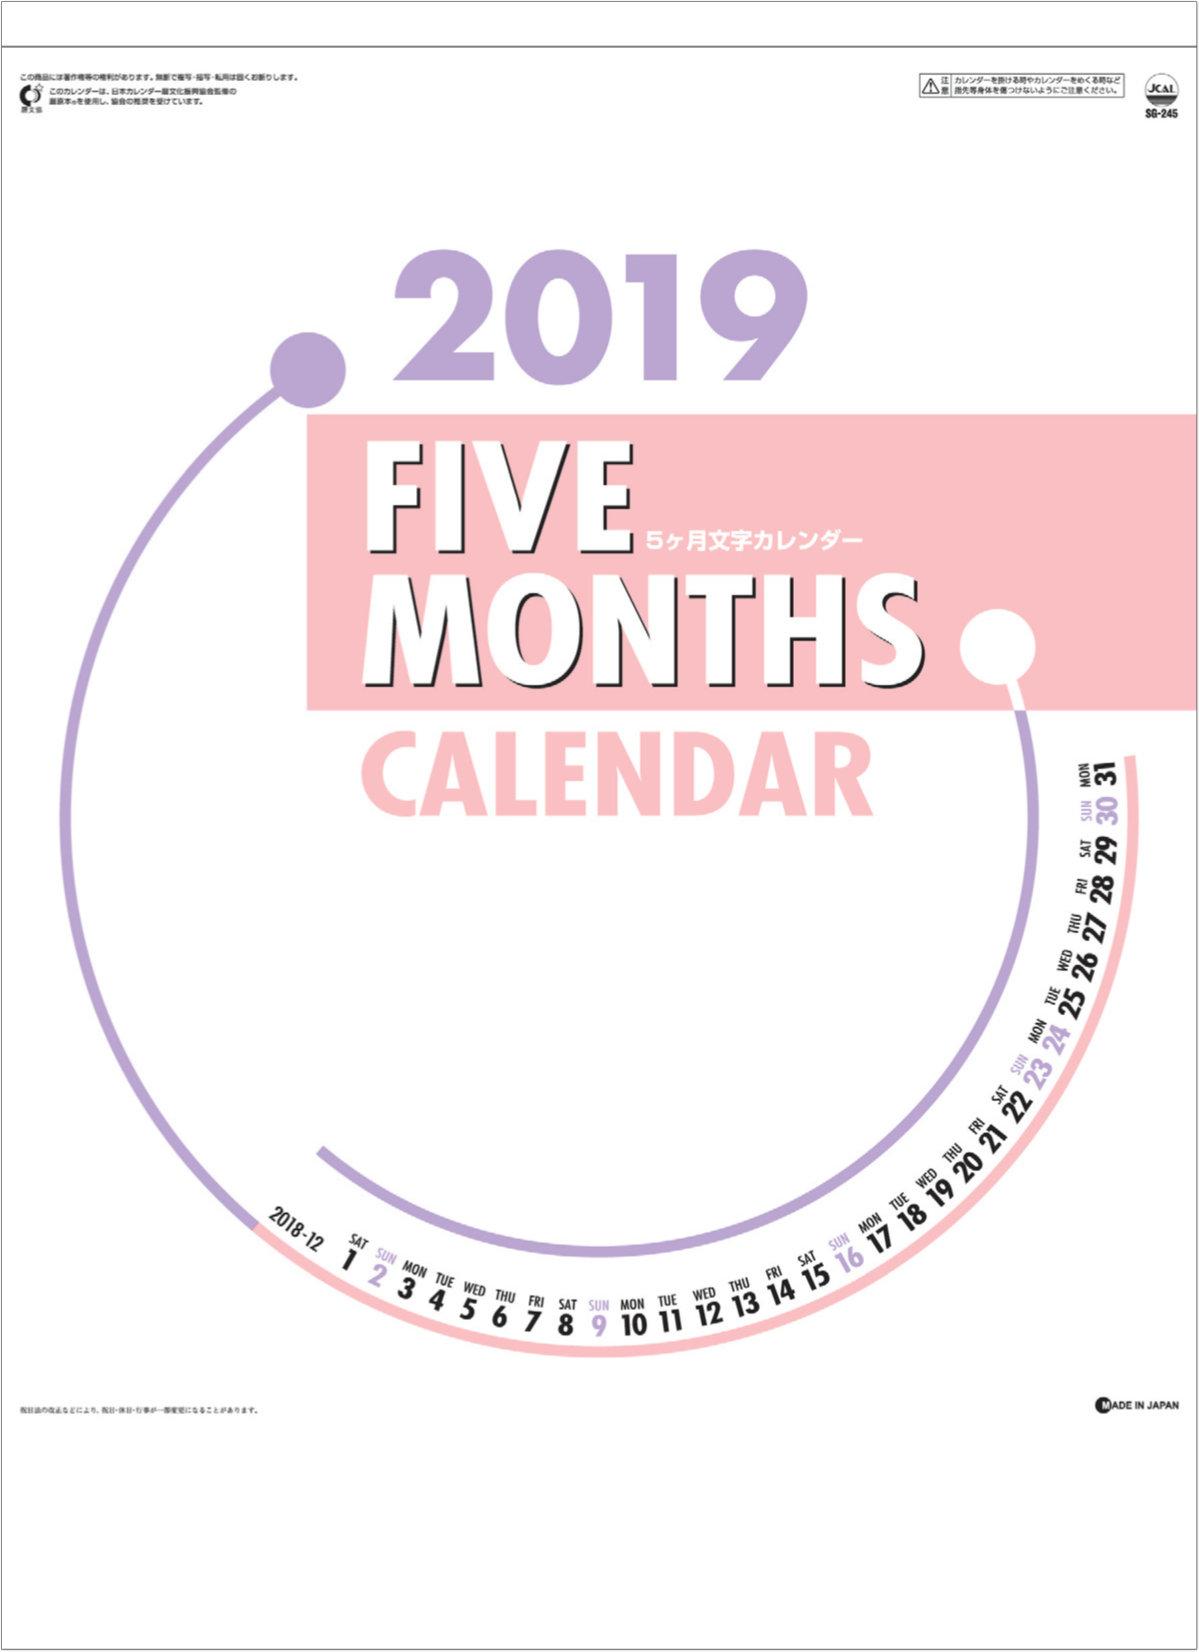 表紙 ファイブマンス文字 2019年カレンダーの画像